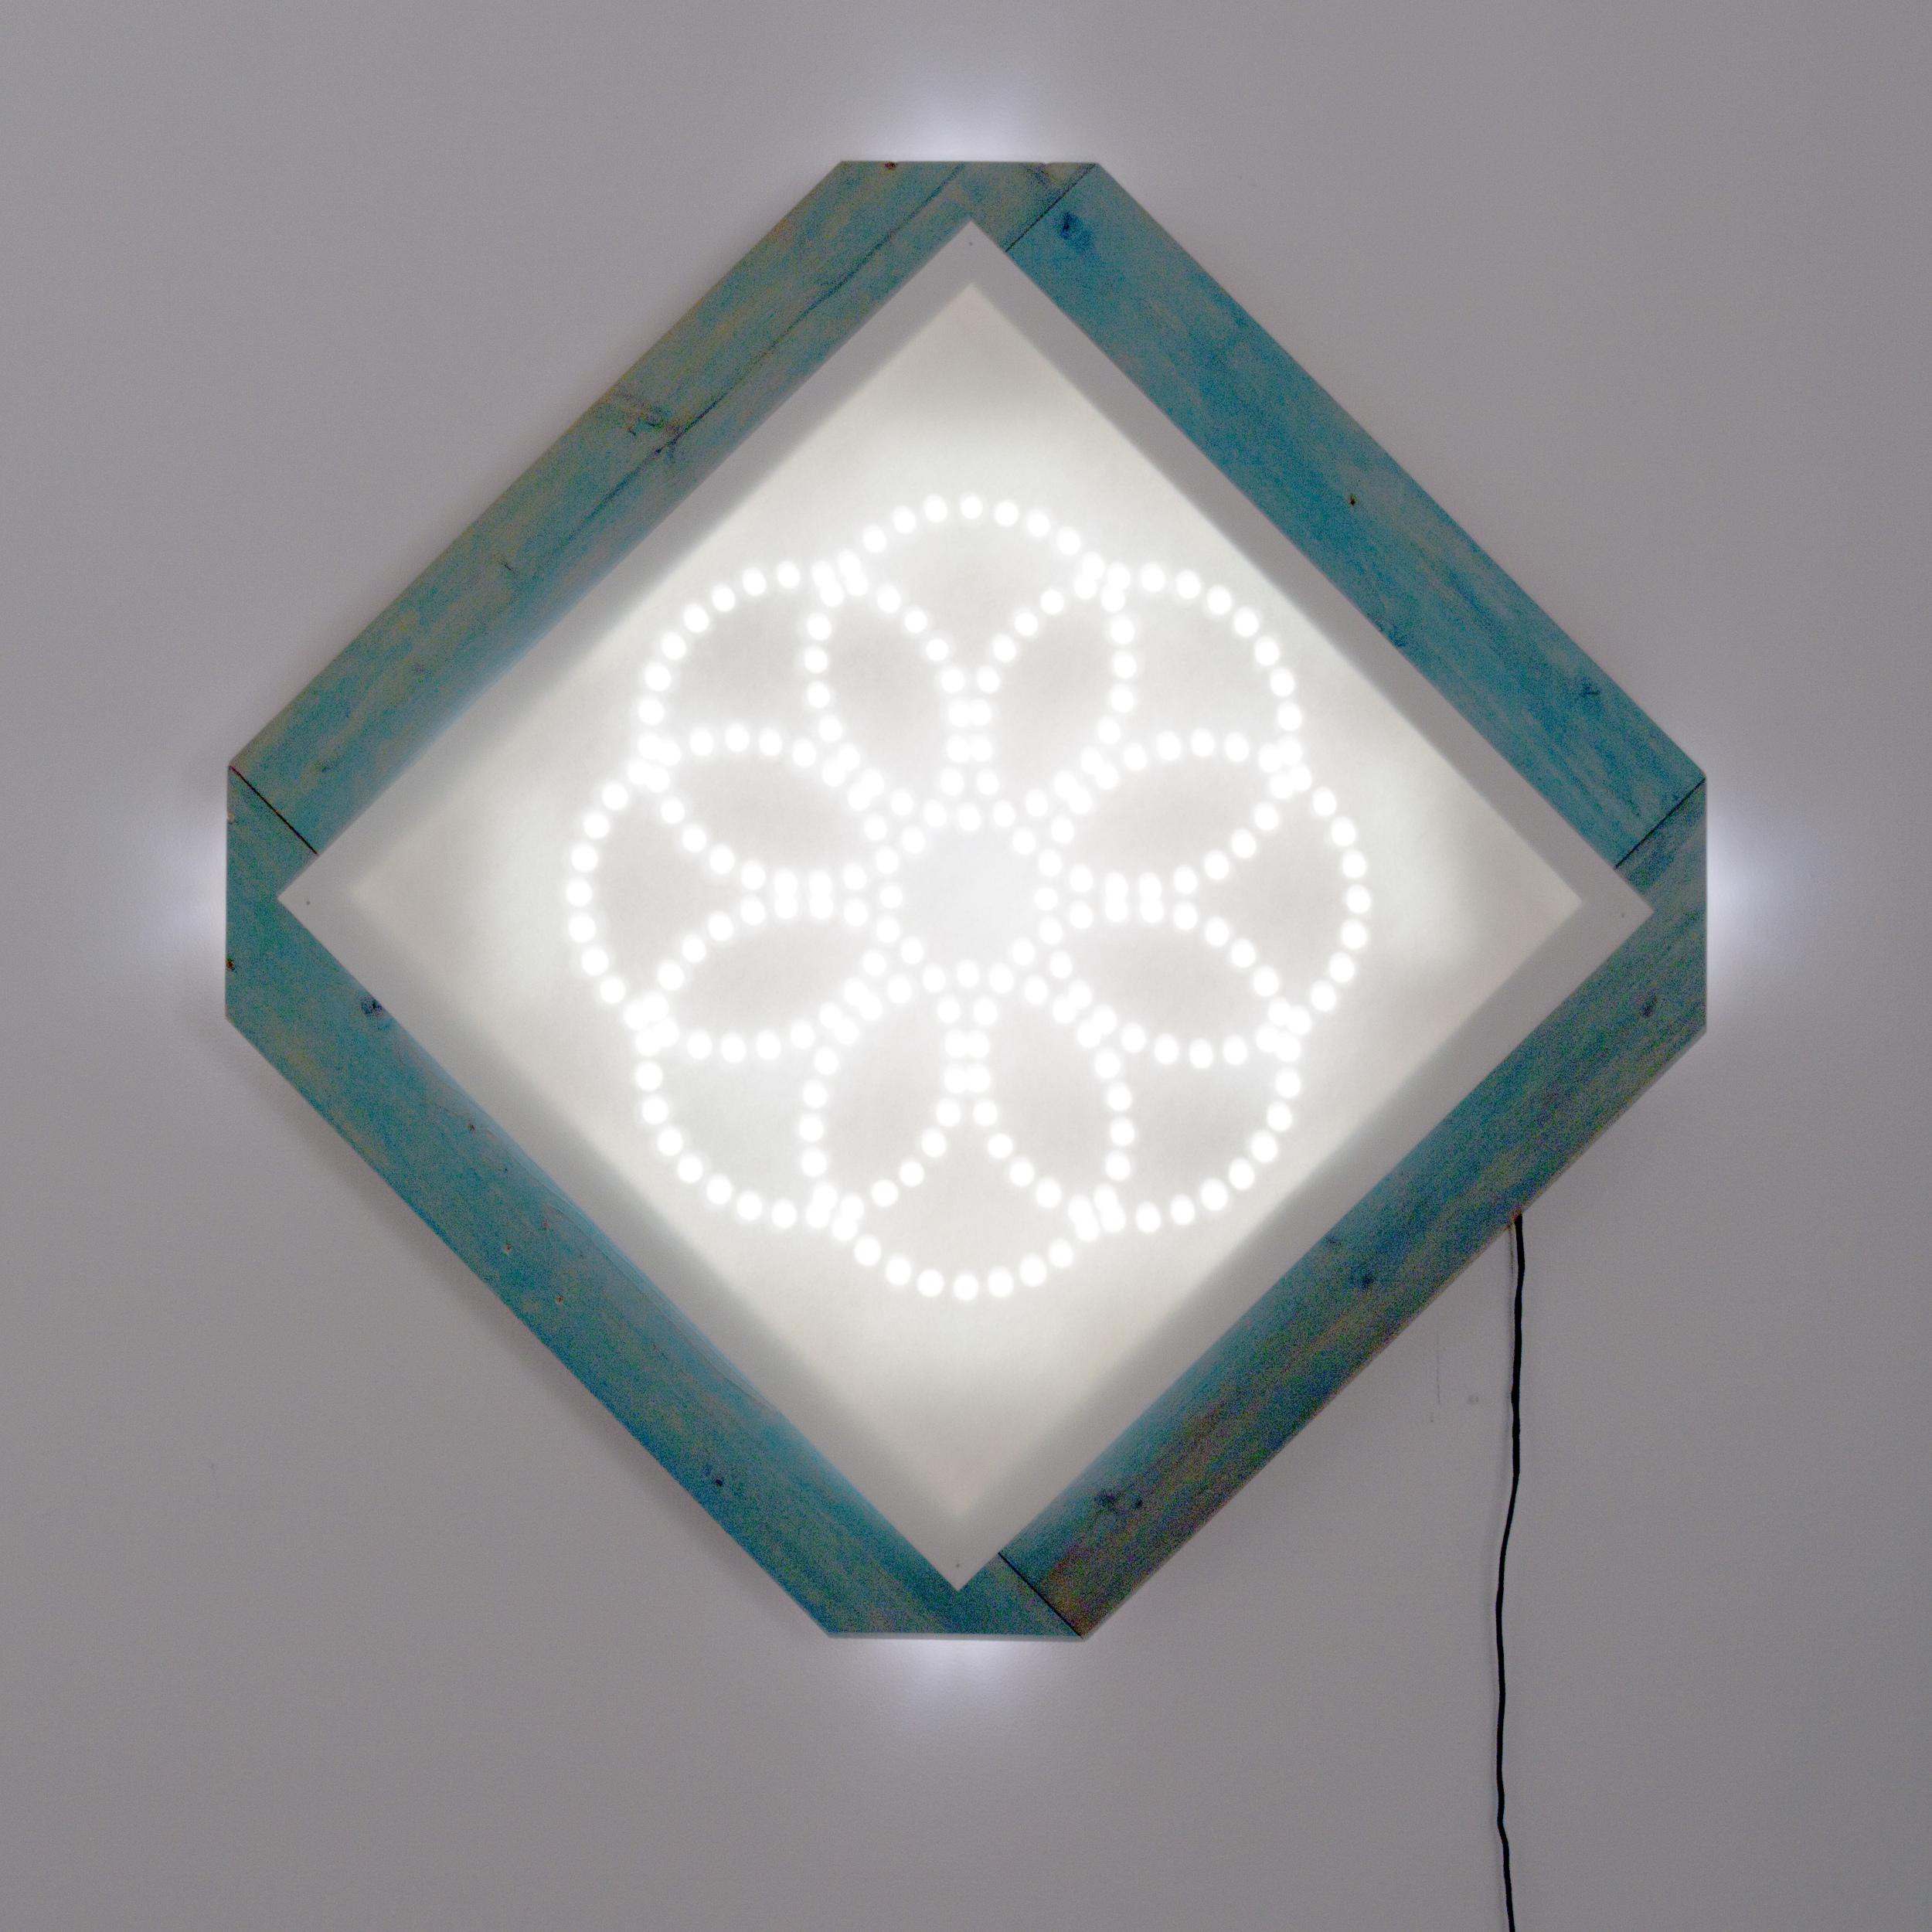 """Bloom 44.5"""" x 44"""" Light Sculpture $2,000"""